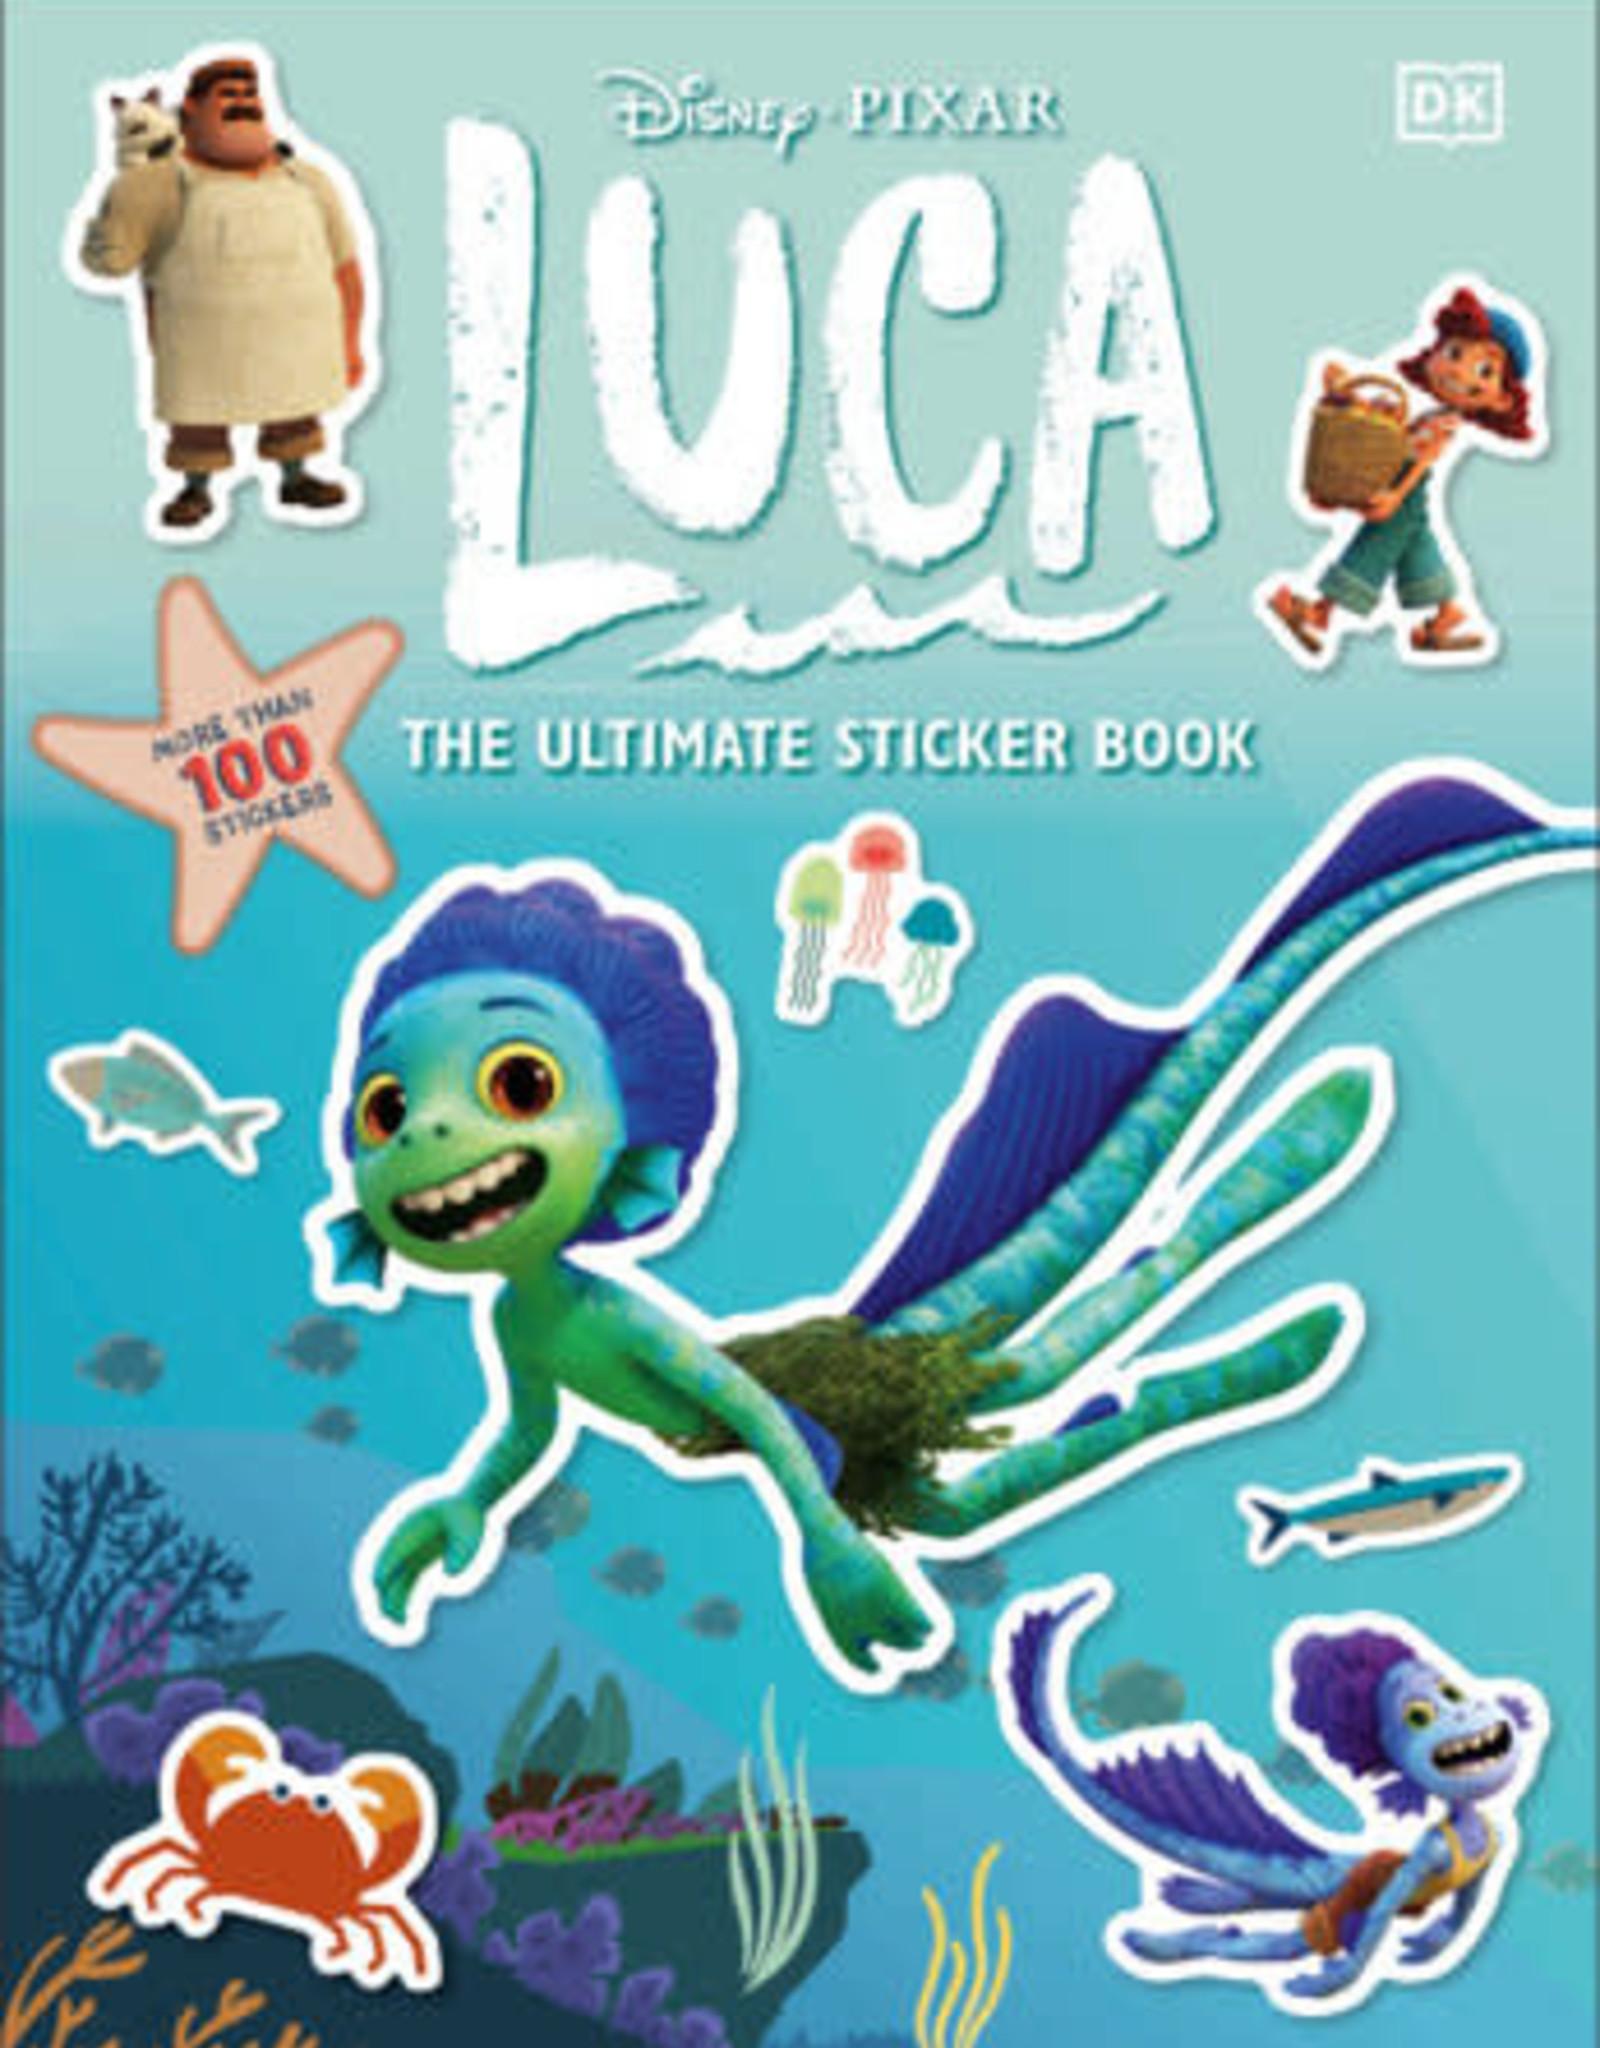 Luca Sticker Book